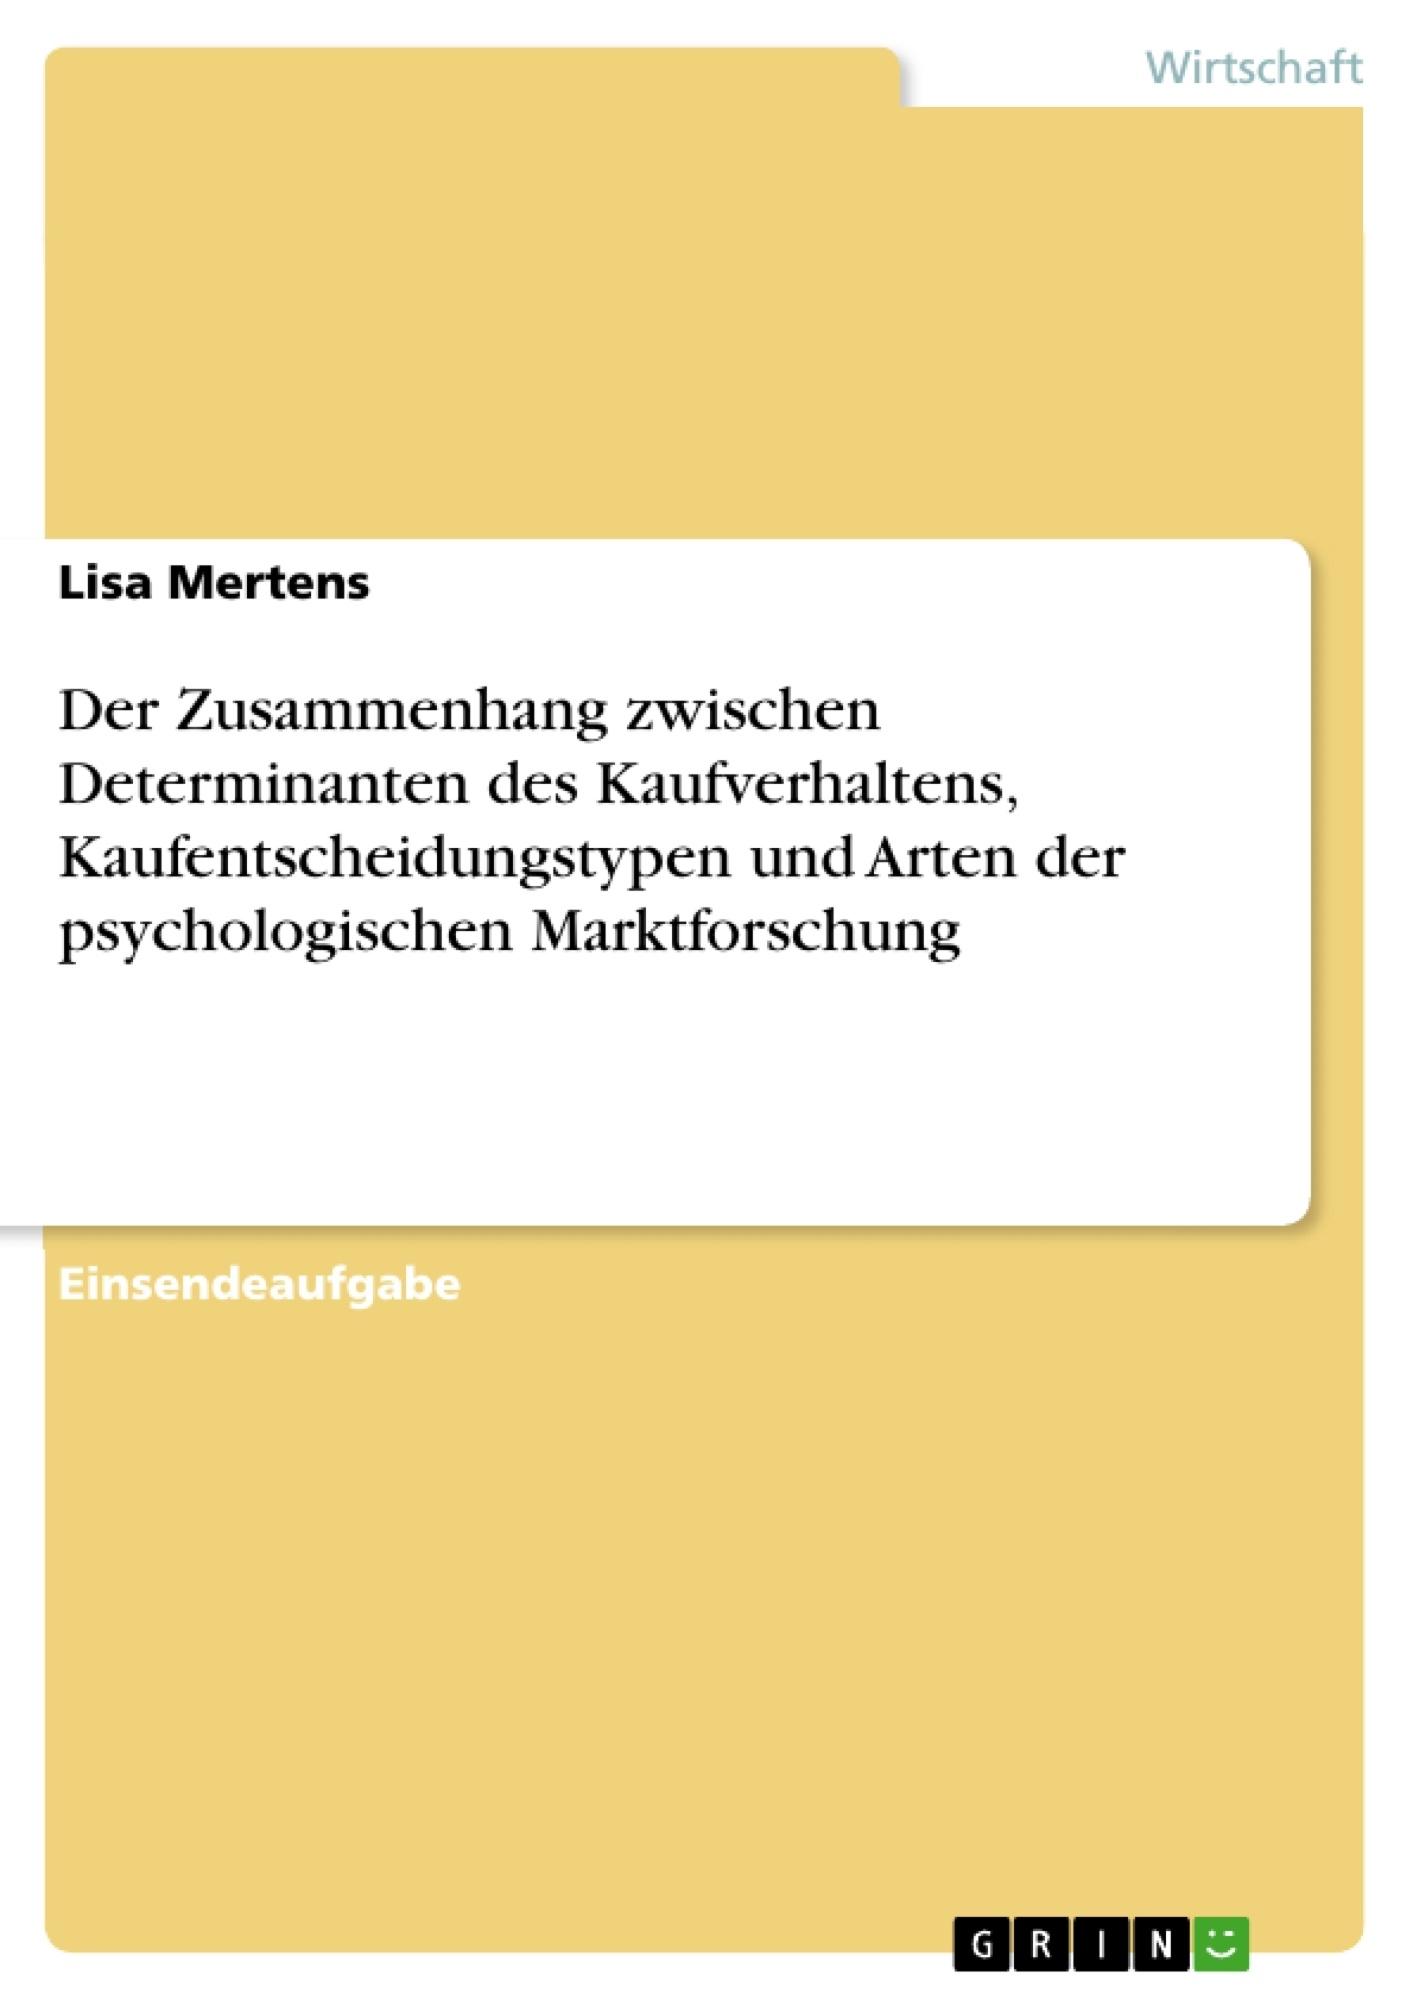 Titel: Der Zusammenhang zwischen Determinanten des Kaufverhaltens, Kaufentscheidungstypen und Arten der psychologischen Marktforschung